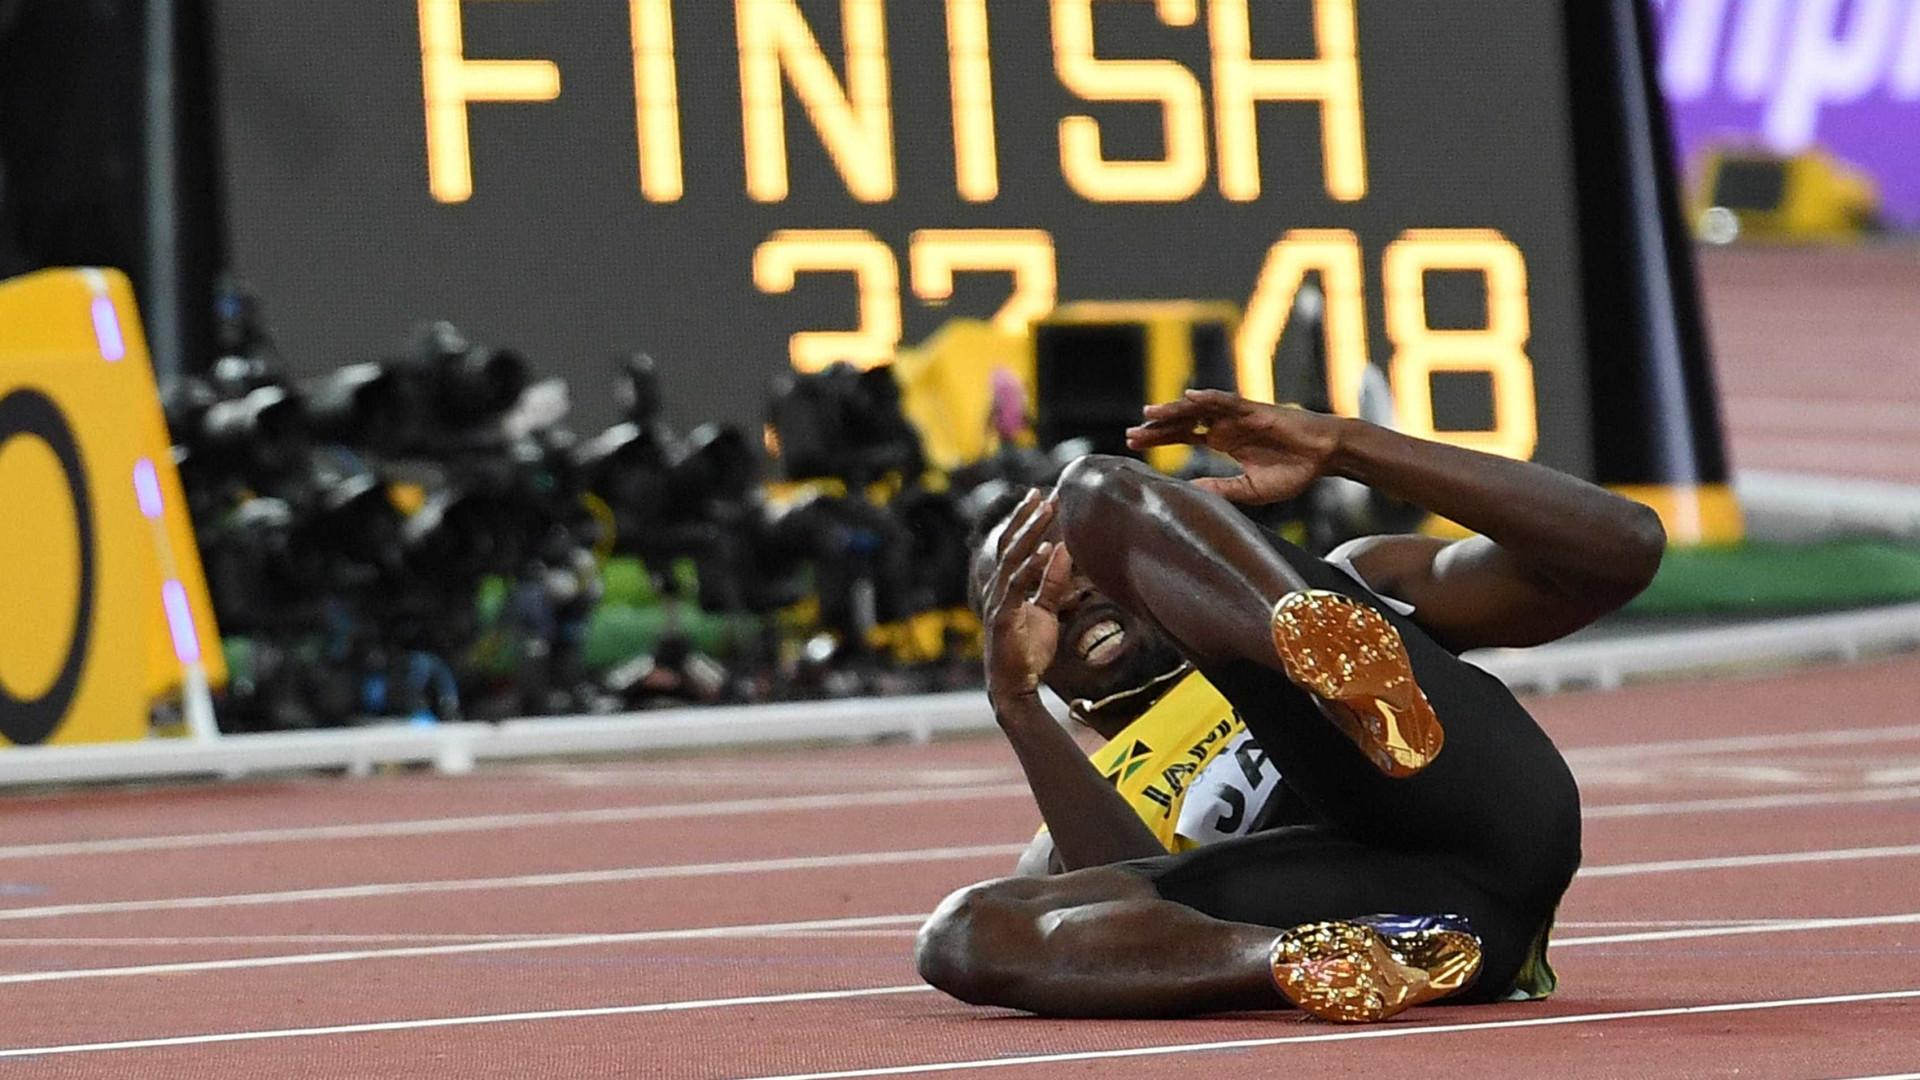 Mundiais atletismo: Bolt sofreu cãibra na final dos 4x100 metros